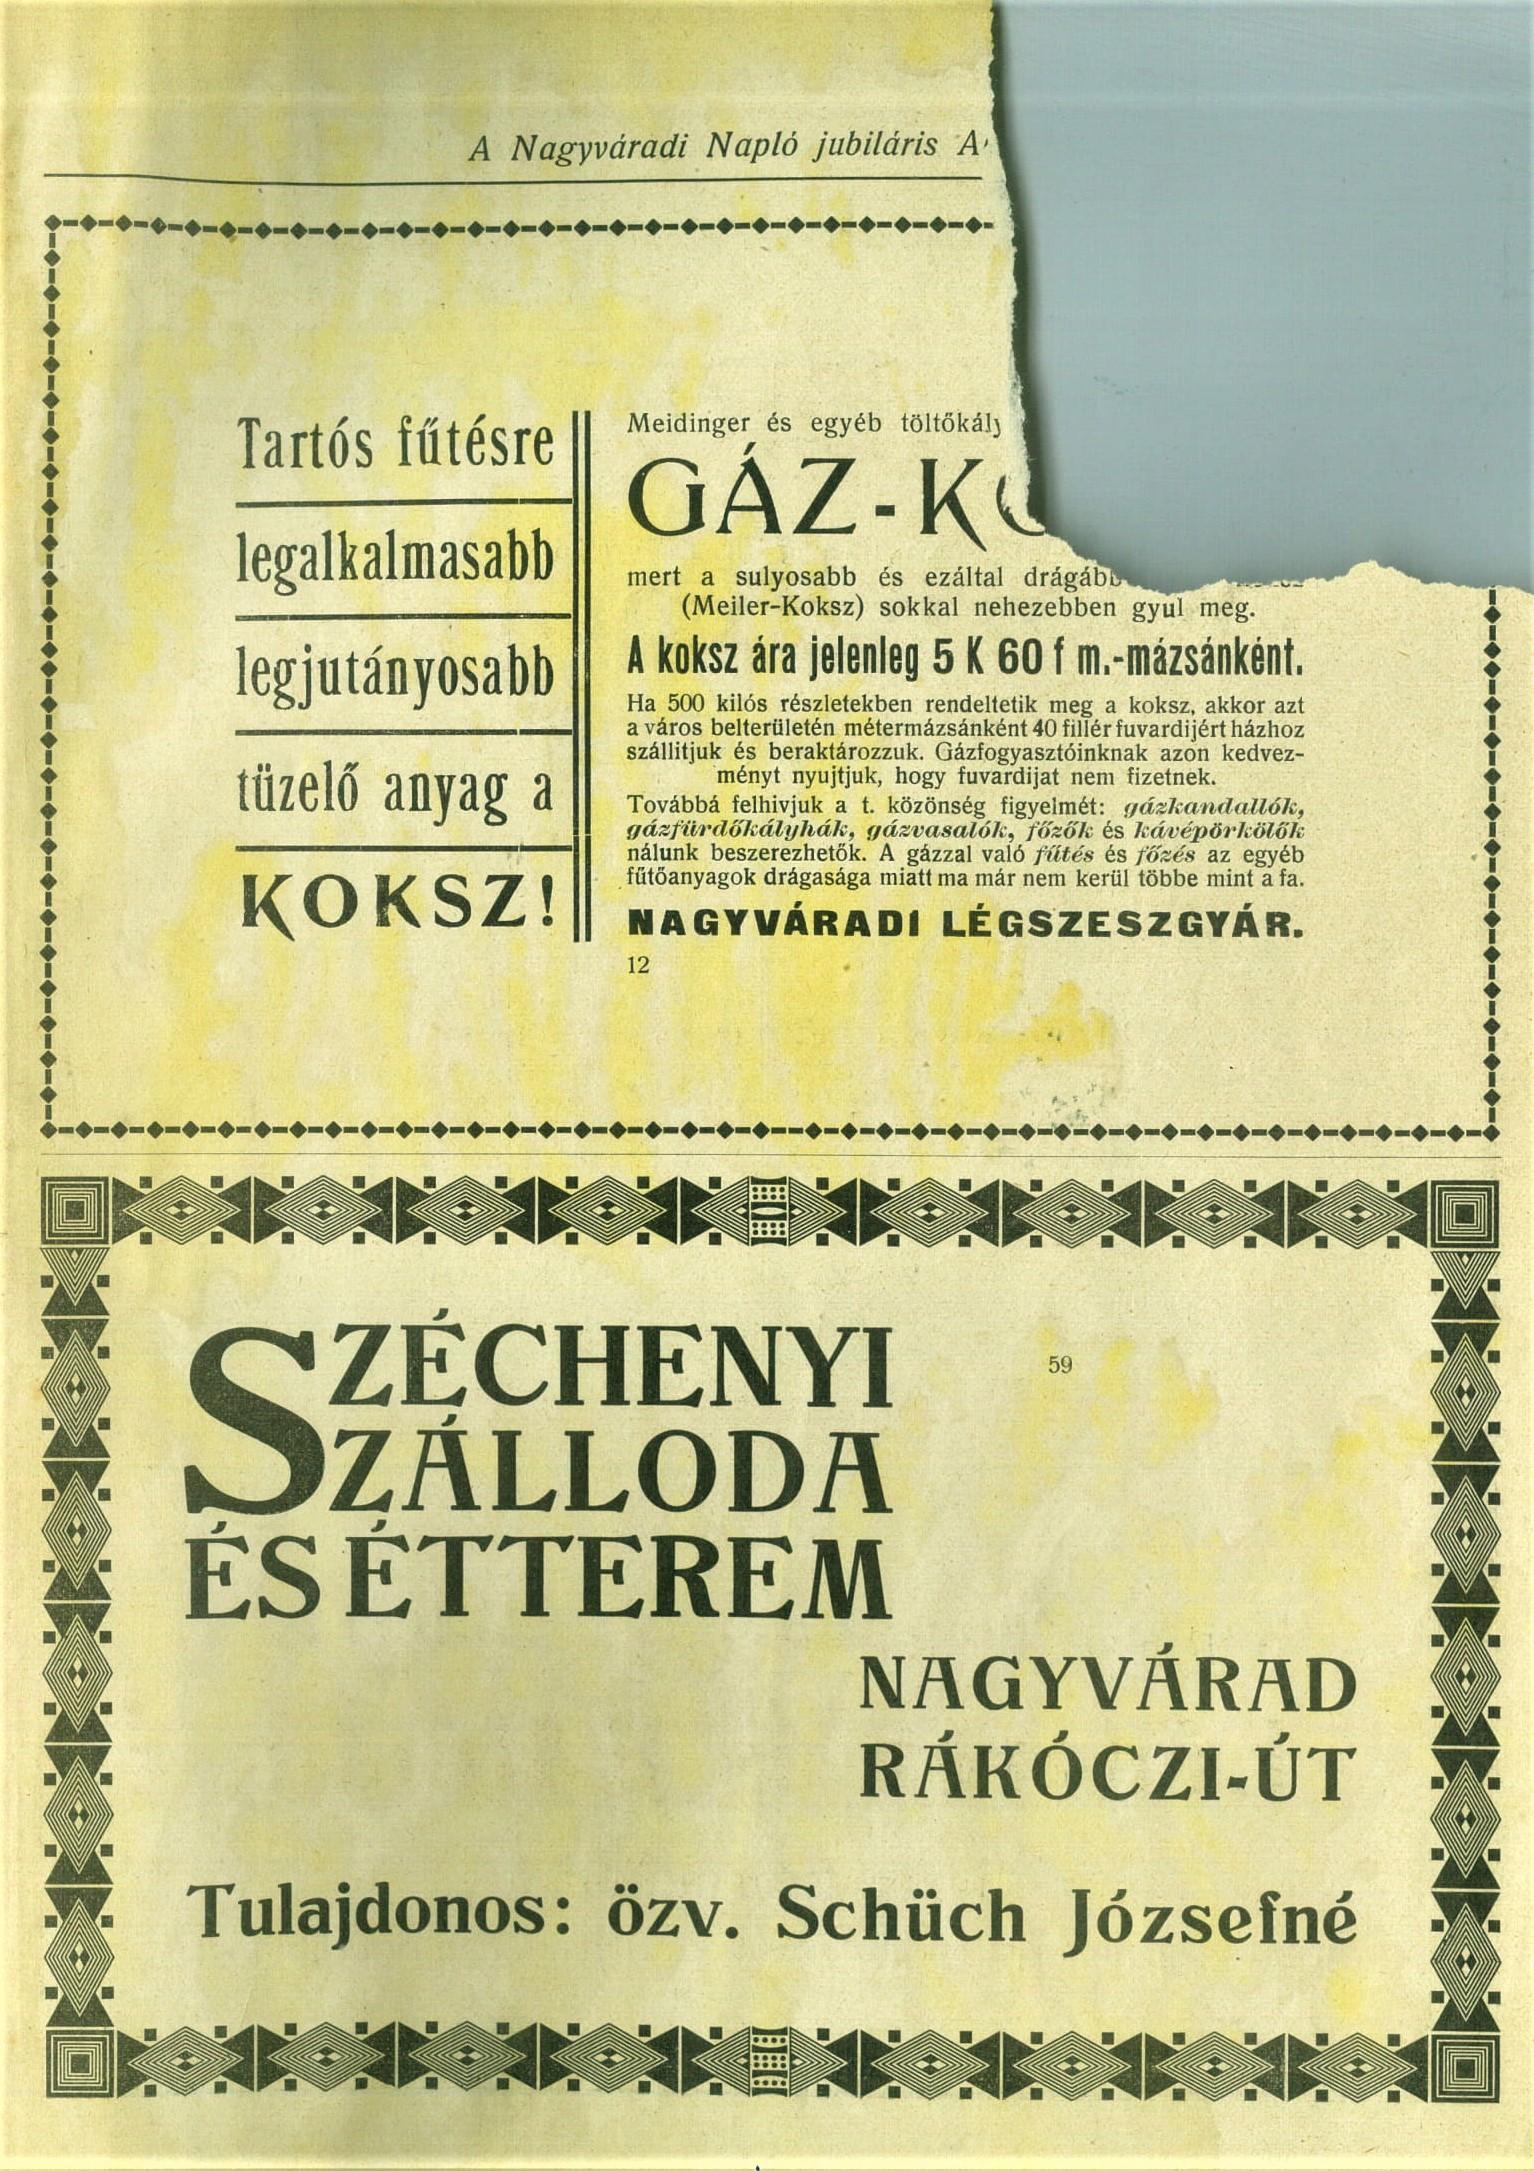 img-z18172837-1.jpg